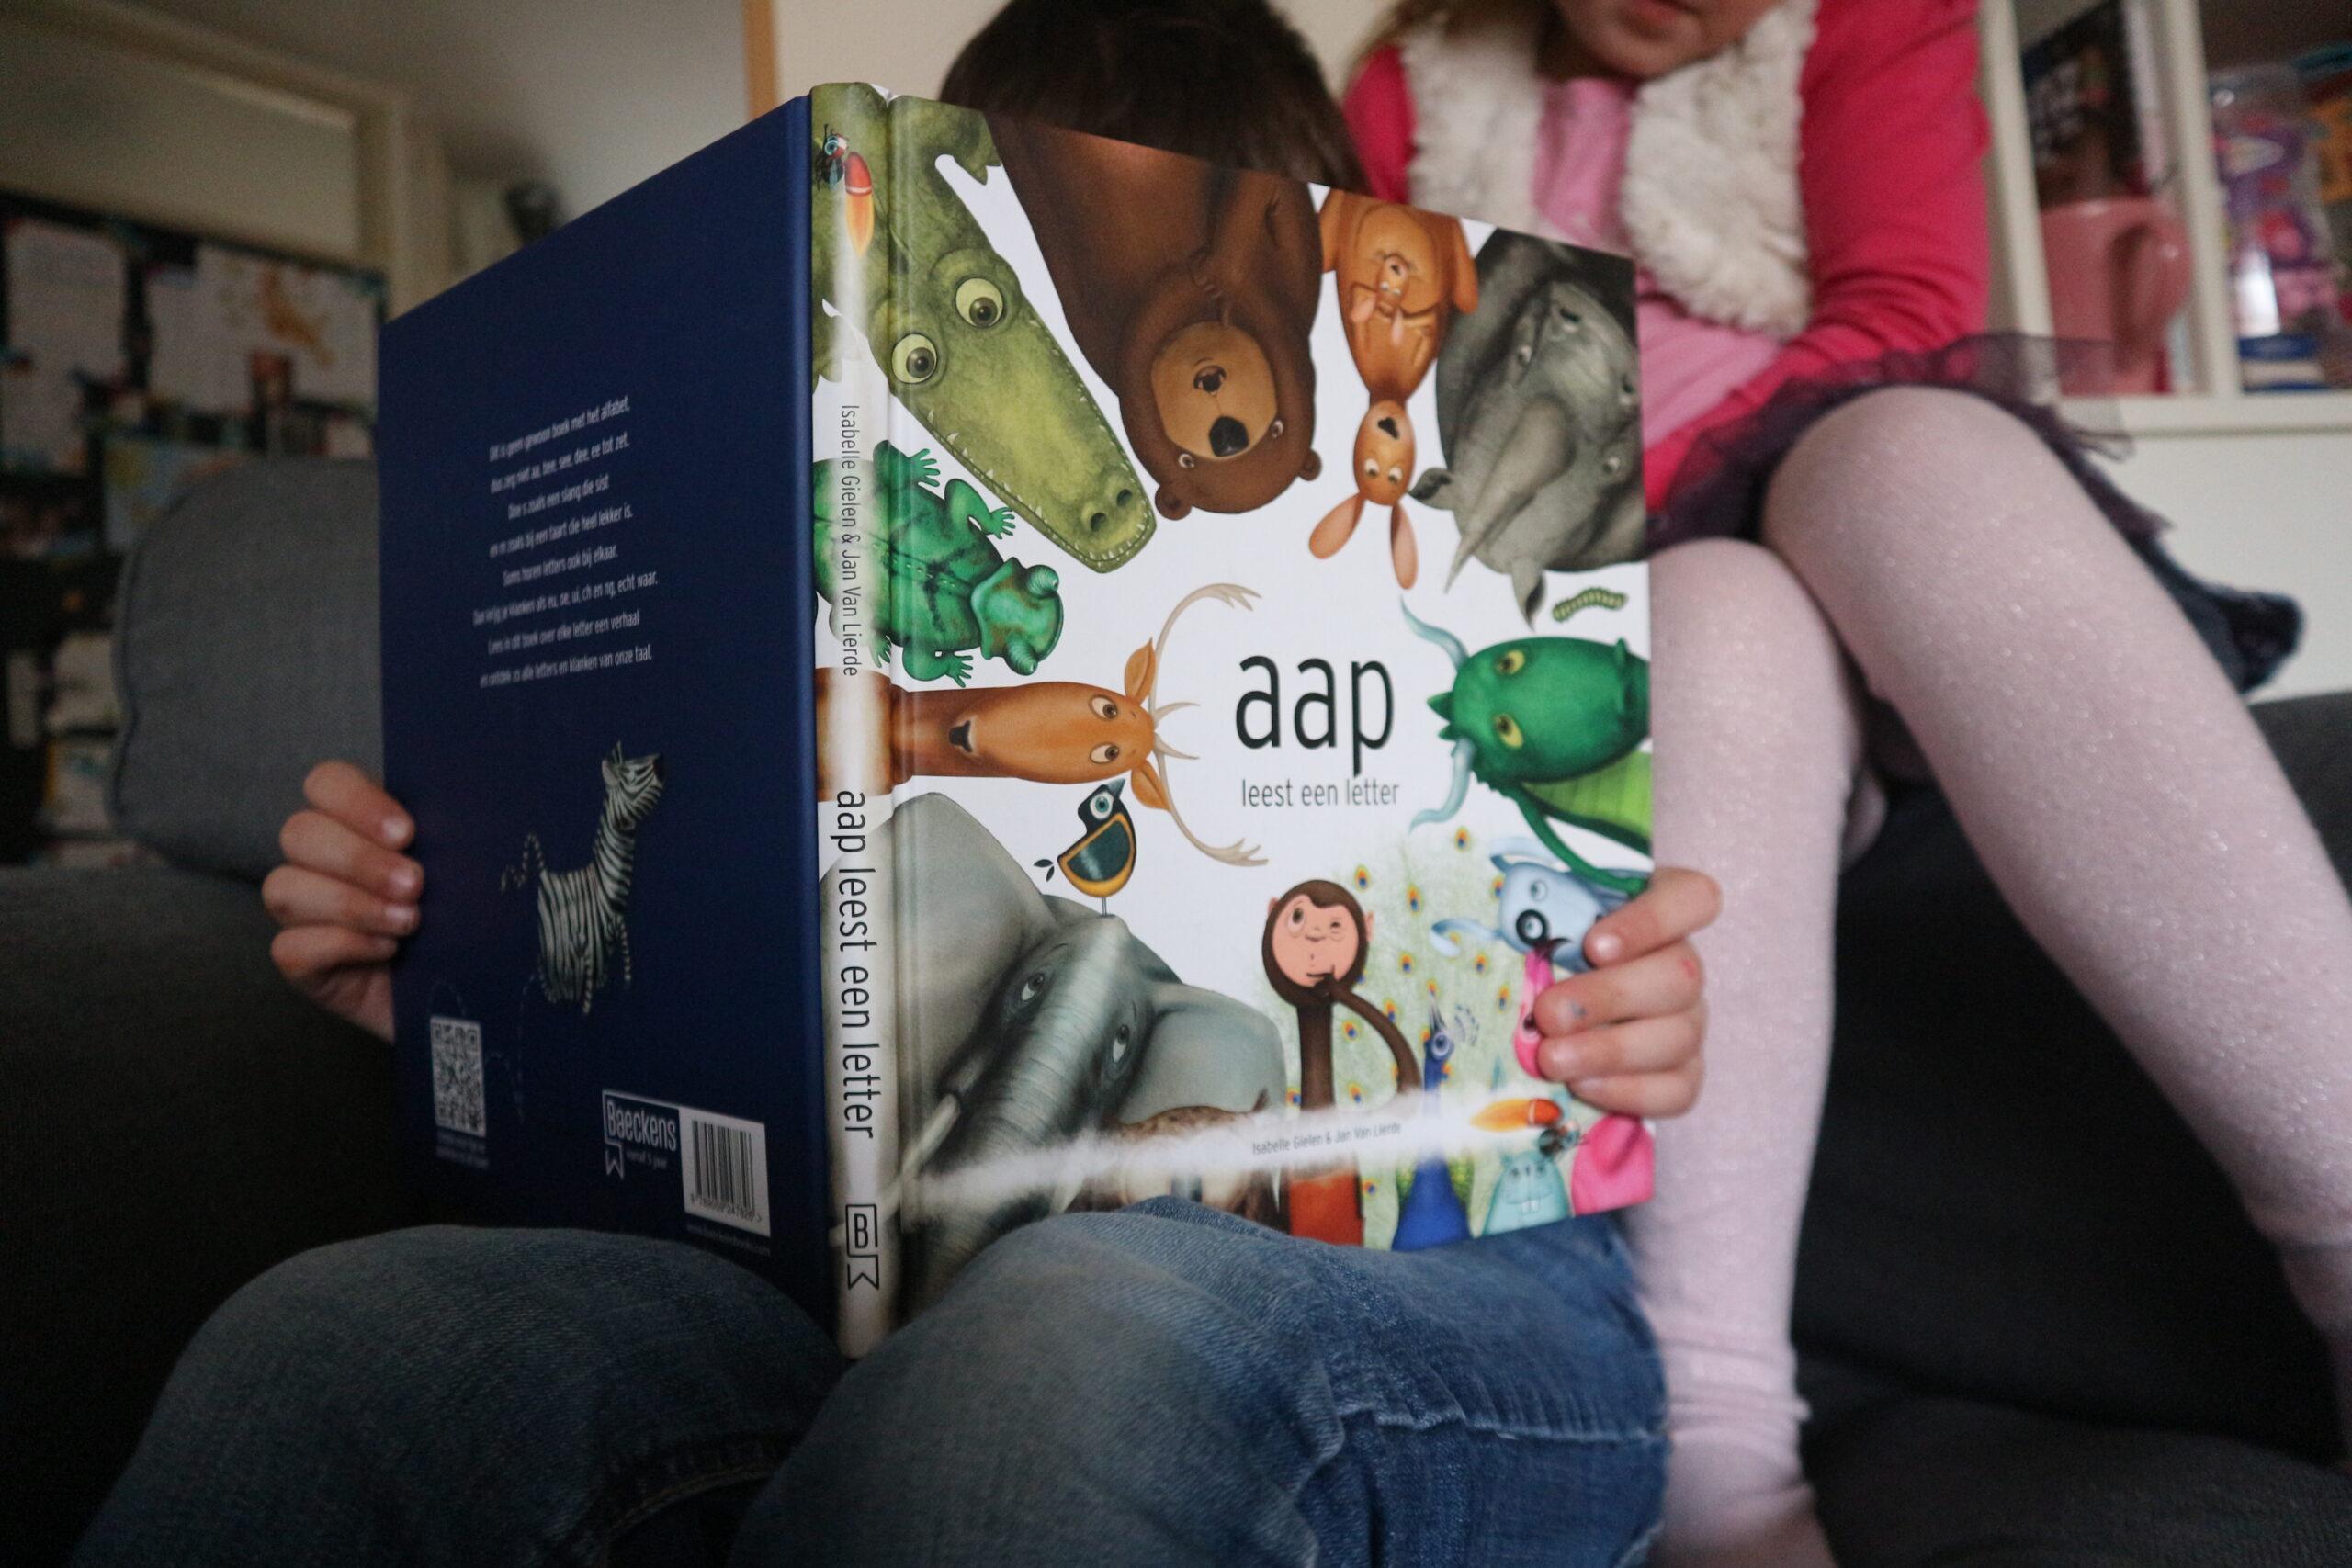 Aap leest een letter, meer dan het alfabet alleen